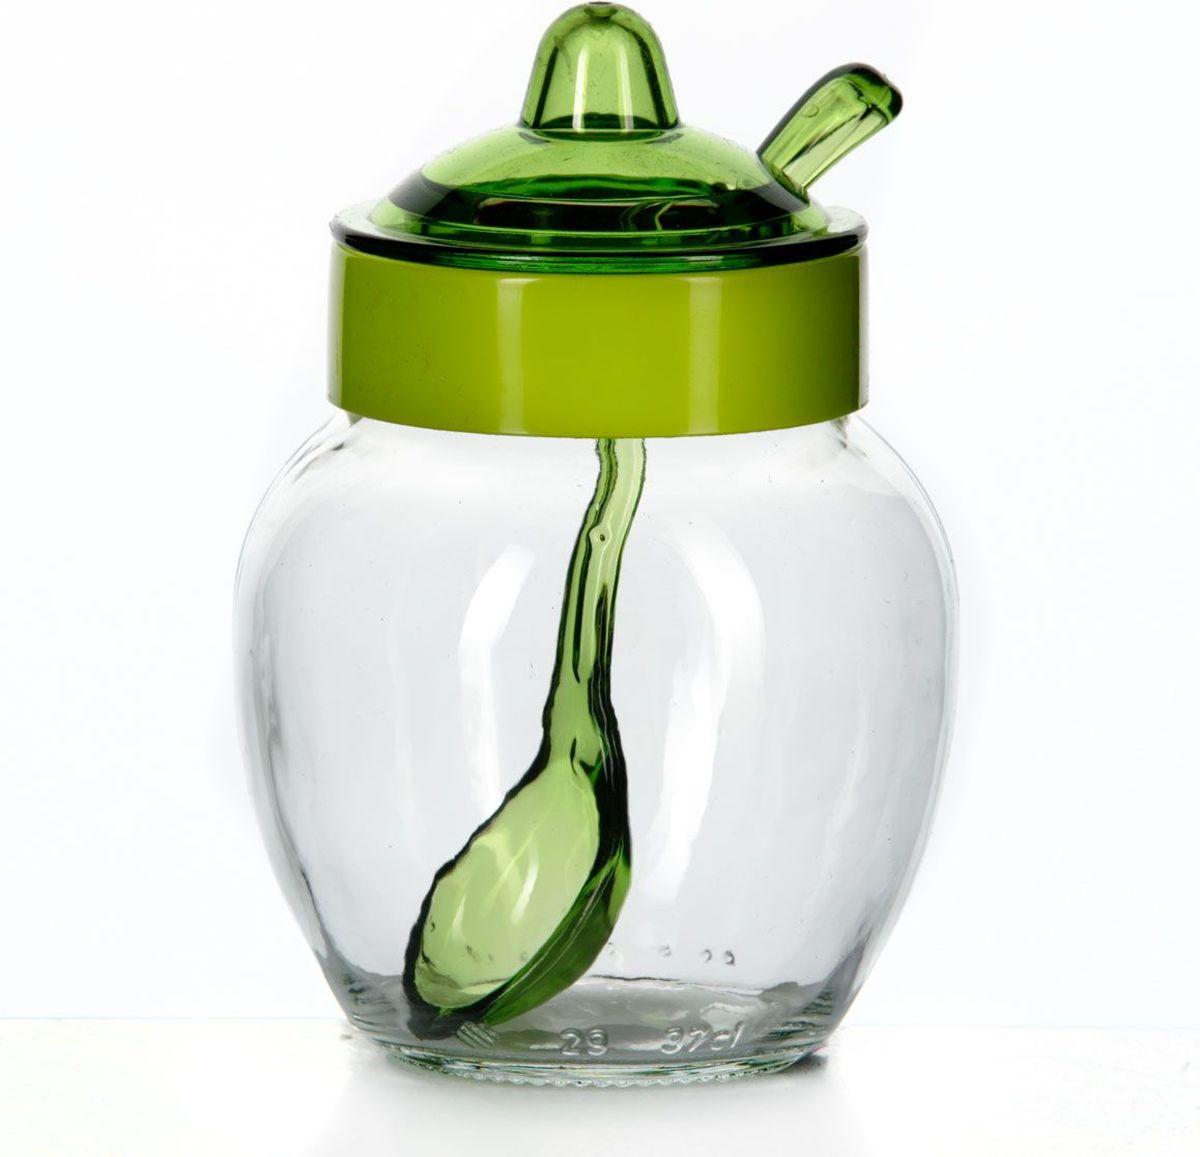 Емкость для соуса Herevin, с ложкой, 370 мл. 131506-000131506-000Емкость для соуса Herevin изготовлена из прочного стекла. Банка оснащена пластиковой крышкой и ложкой. Изделие предназначено для хранения различных соусов. Функциональная и вместительная, такая банка станет незаменимым аксессуаром на любой кухне. Можно мыть в посудомоечной машине. Пластиковые части рекомендуется мыть вручную.